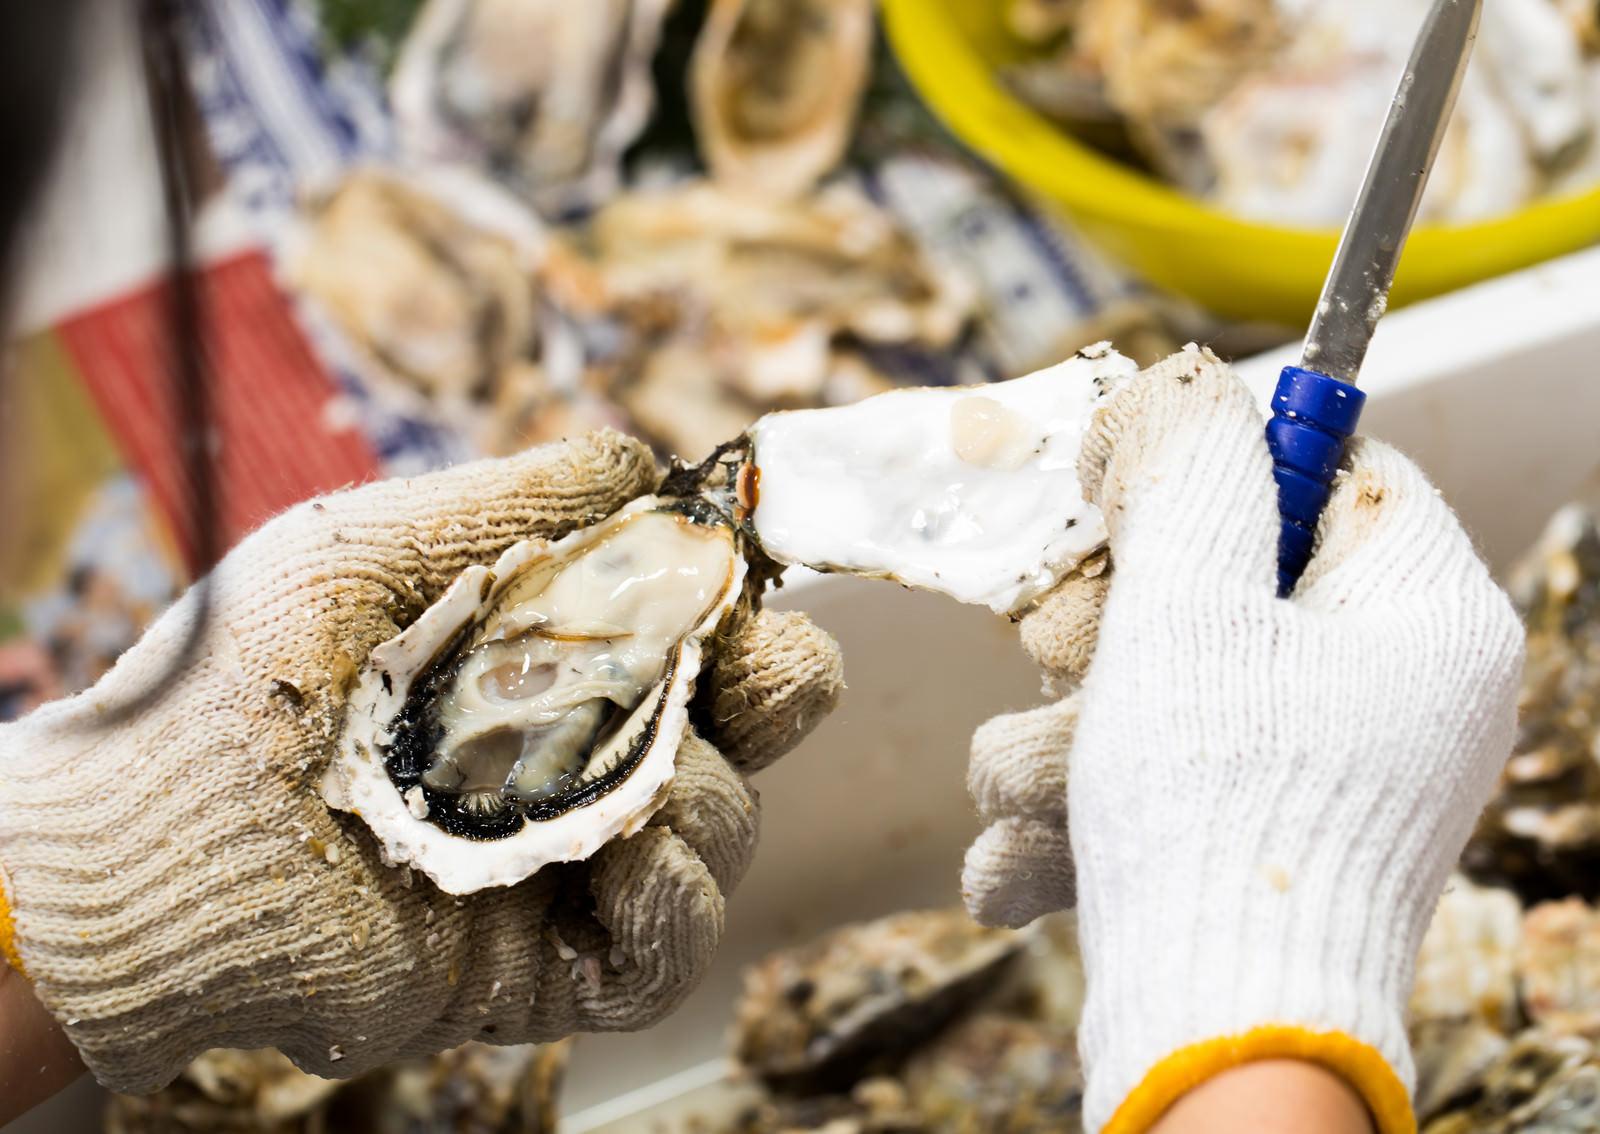 「牡蠣の殻をむく様子」の写真